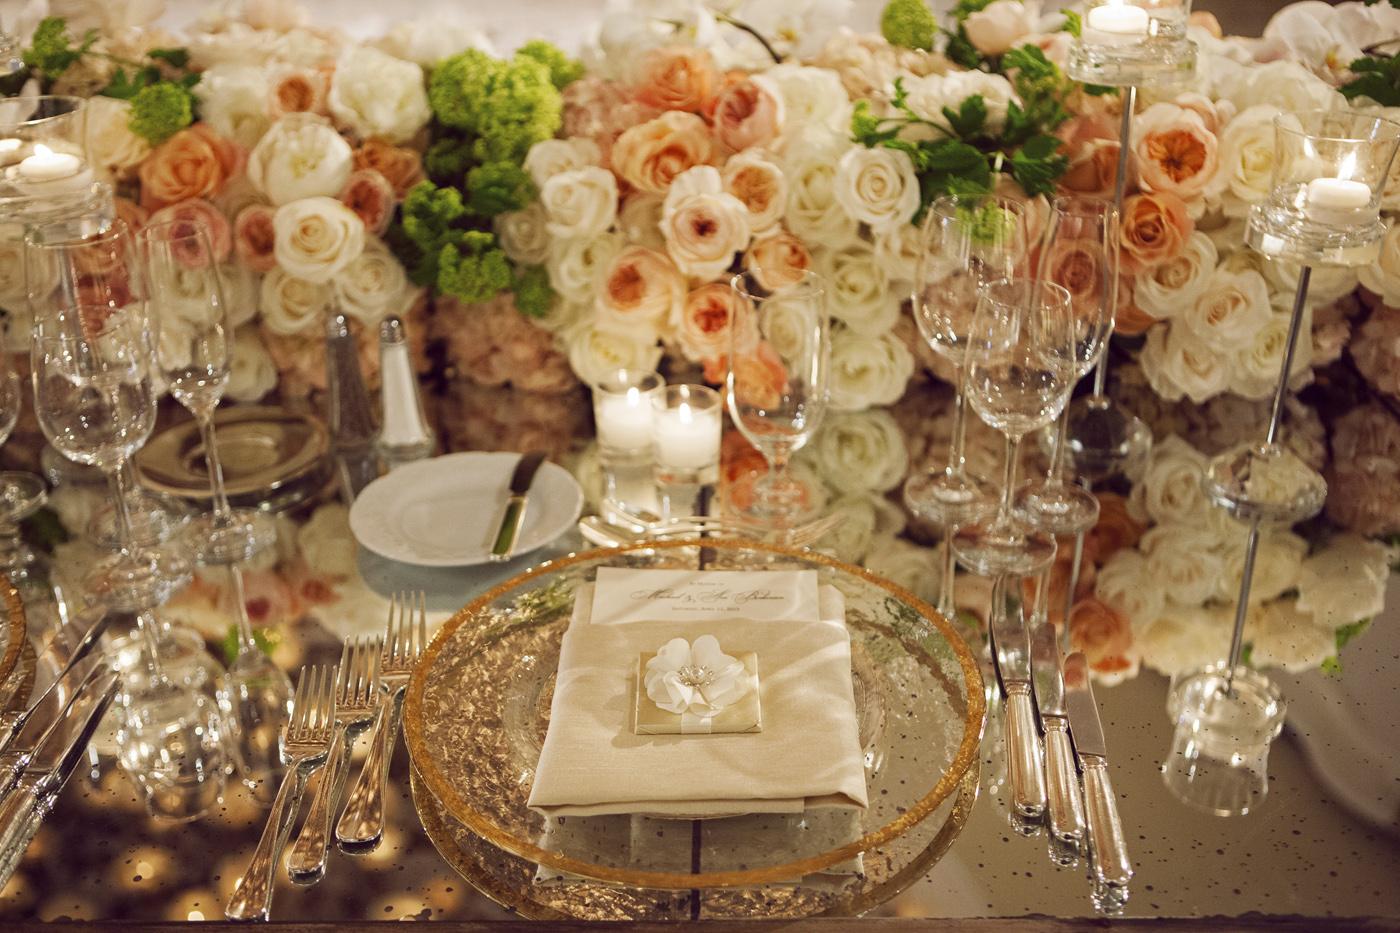 040_DukePhotography_DukeImages_Wedding_Details.jpg